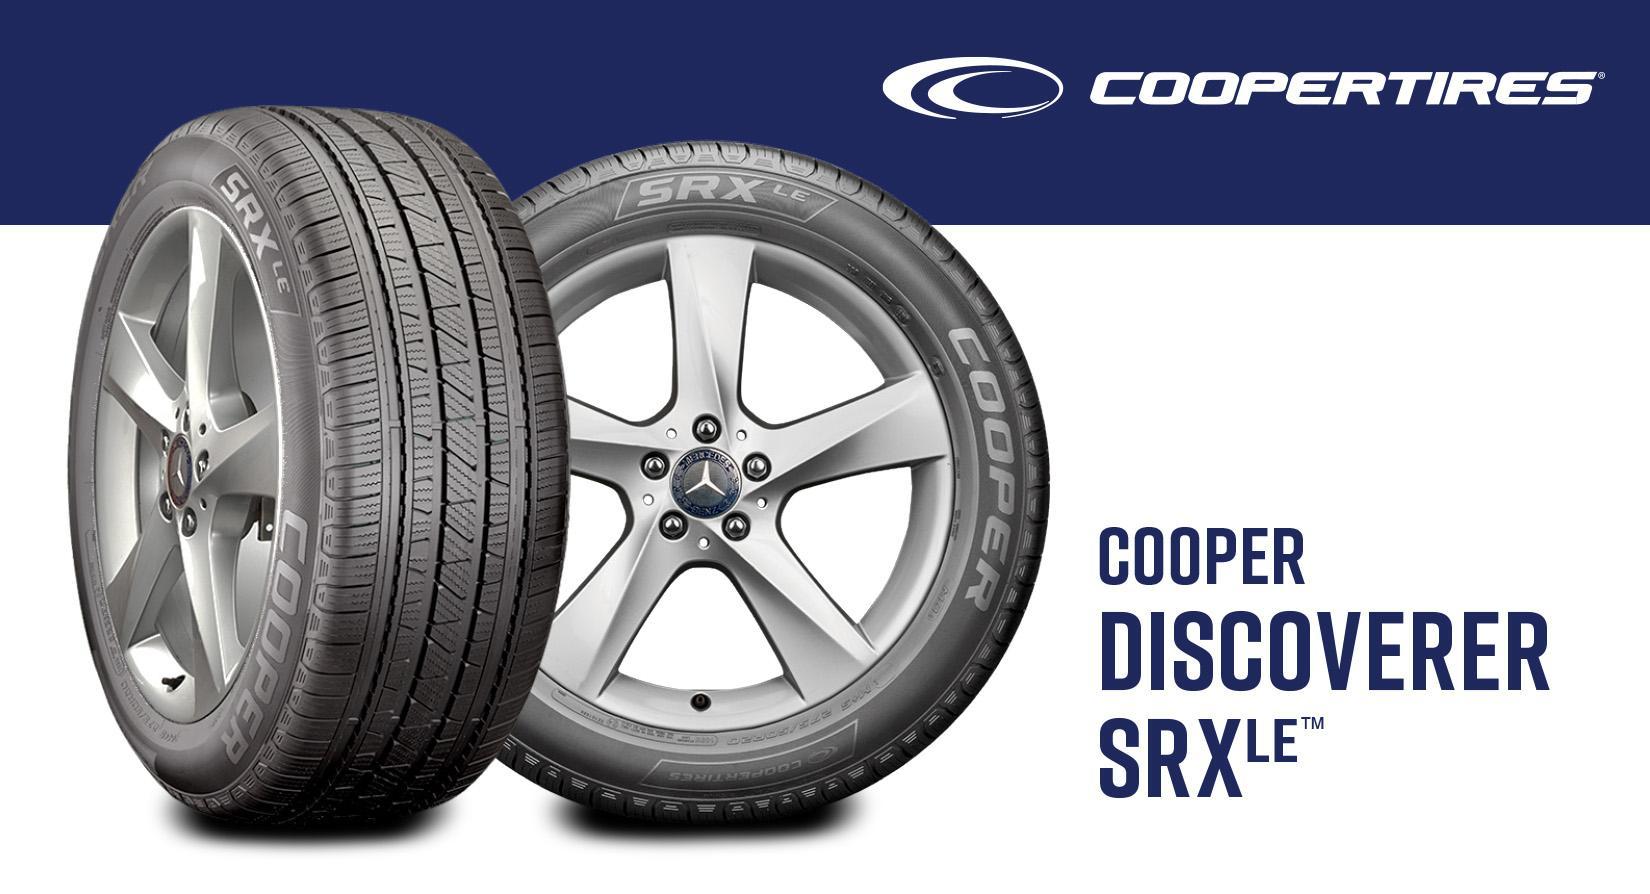 Всесезонки Cooper Discoverer SRX LE включены в список оснащения новых Mercedes-Benz GLS